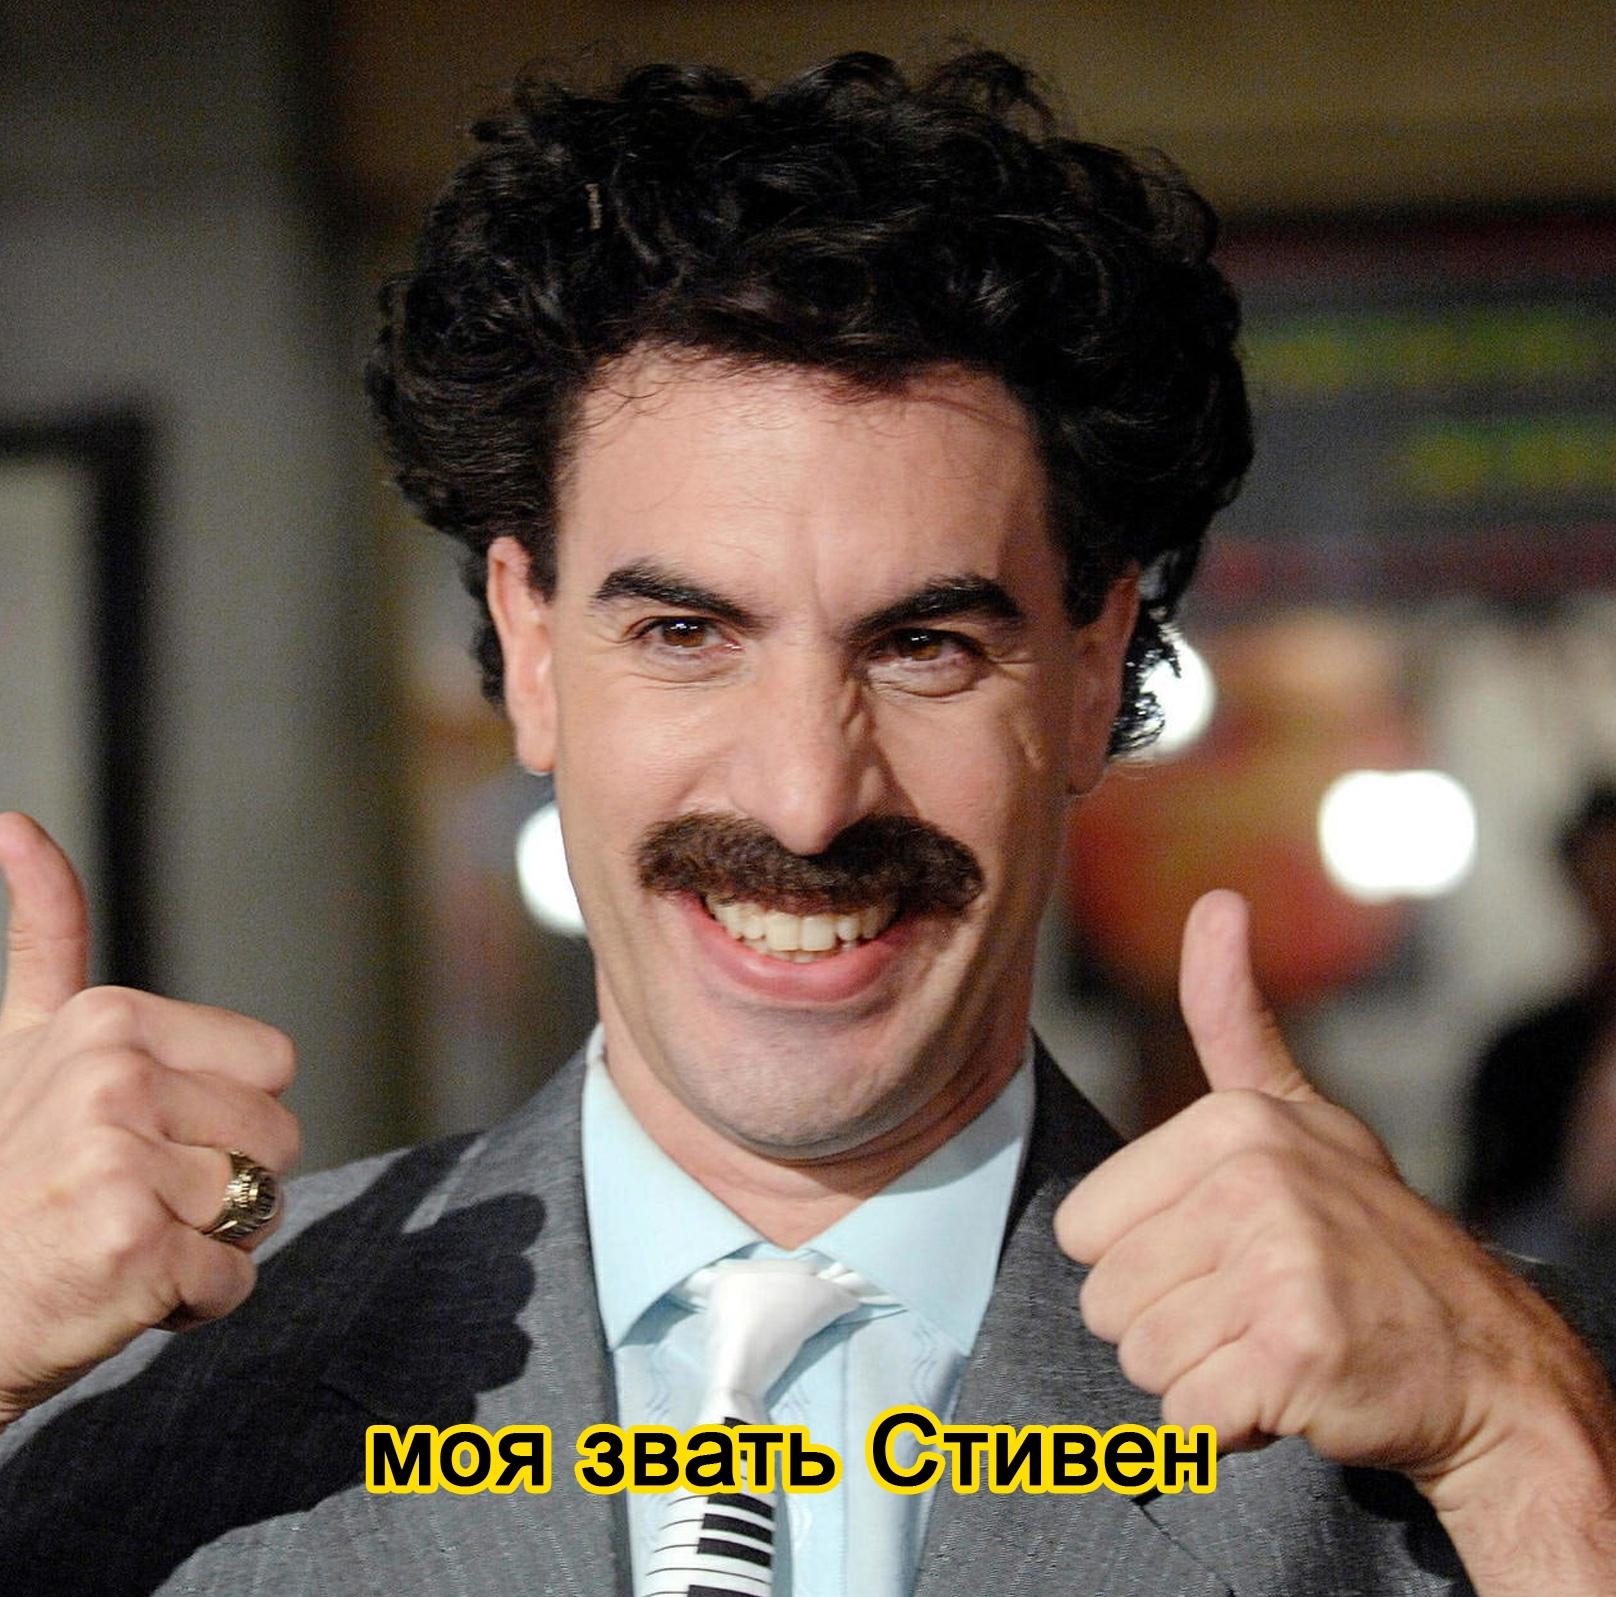 Русская водка помогла Стиву Джобсу